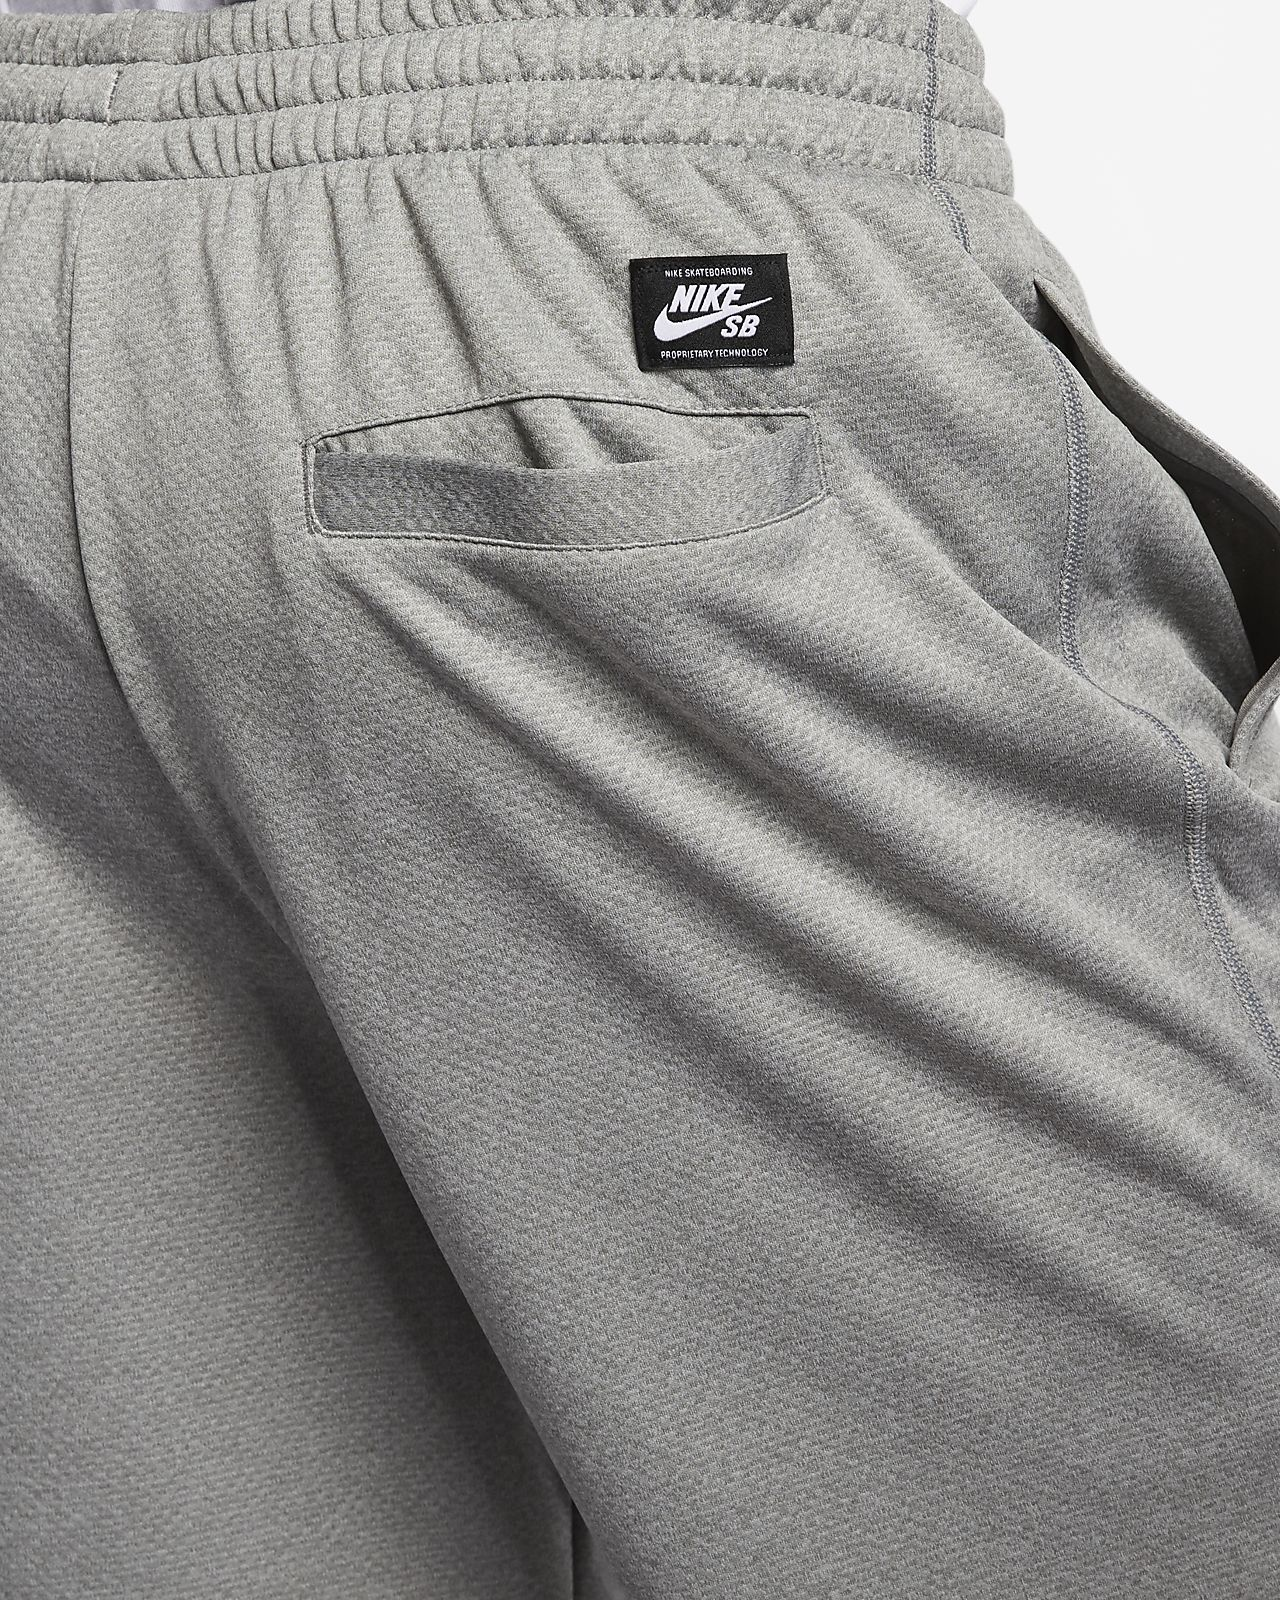 d321d472cc0b97 Nike SB Dri-FIT Sunday Men s Skate Shorts. Nike.com ID